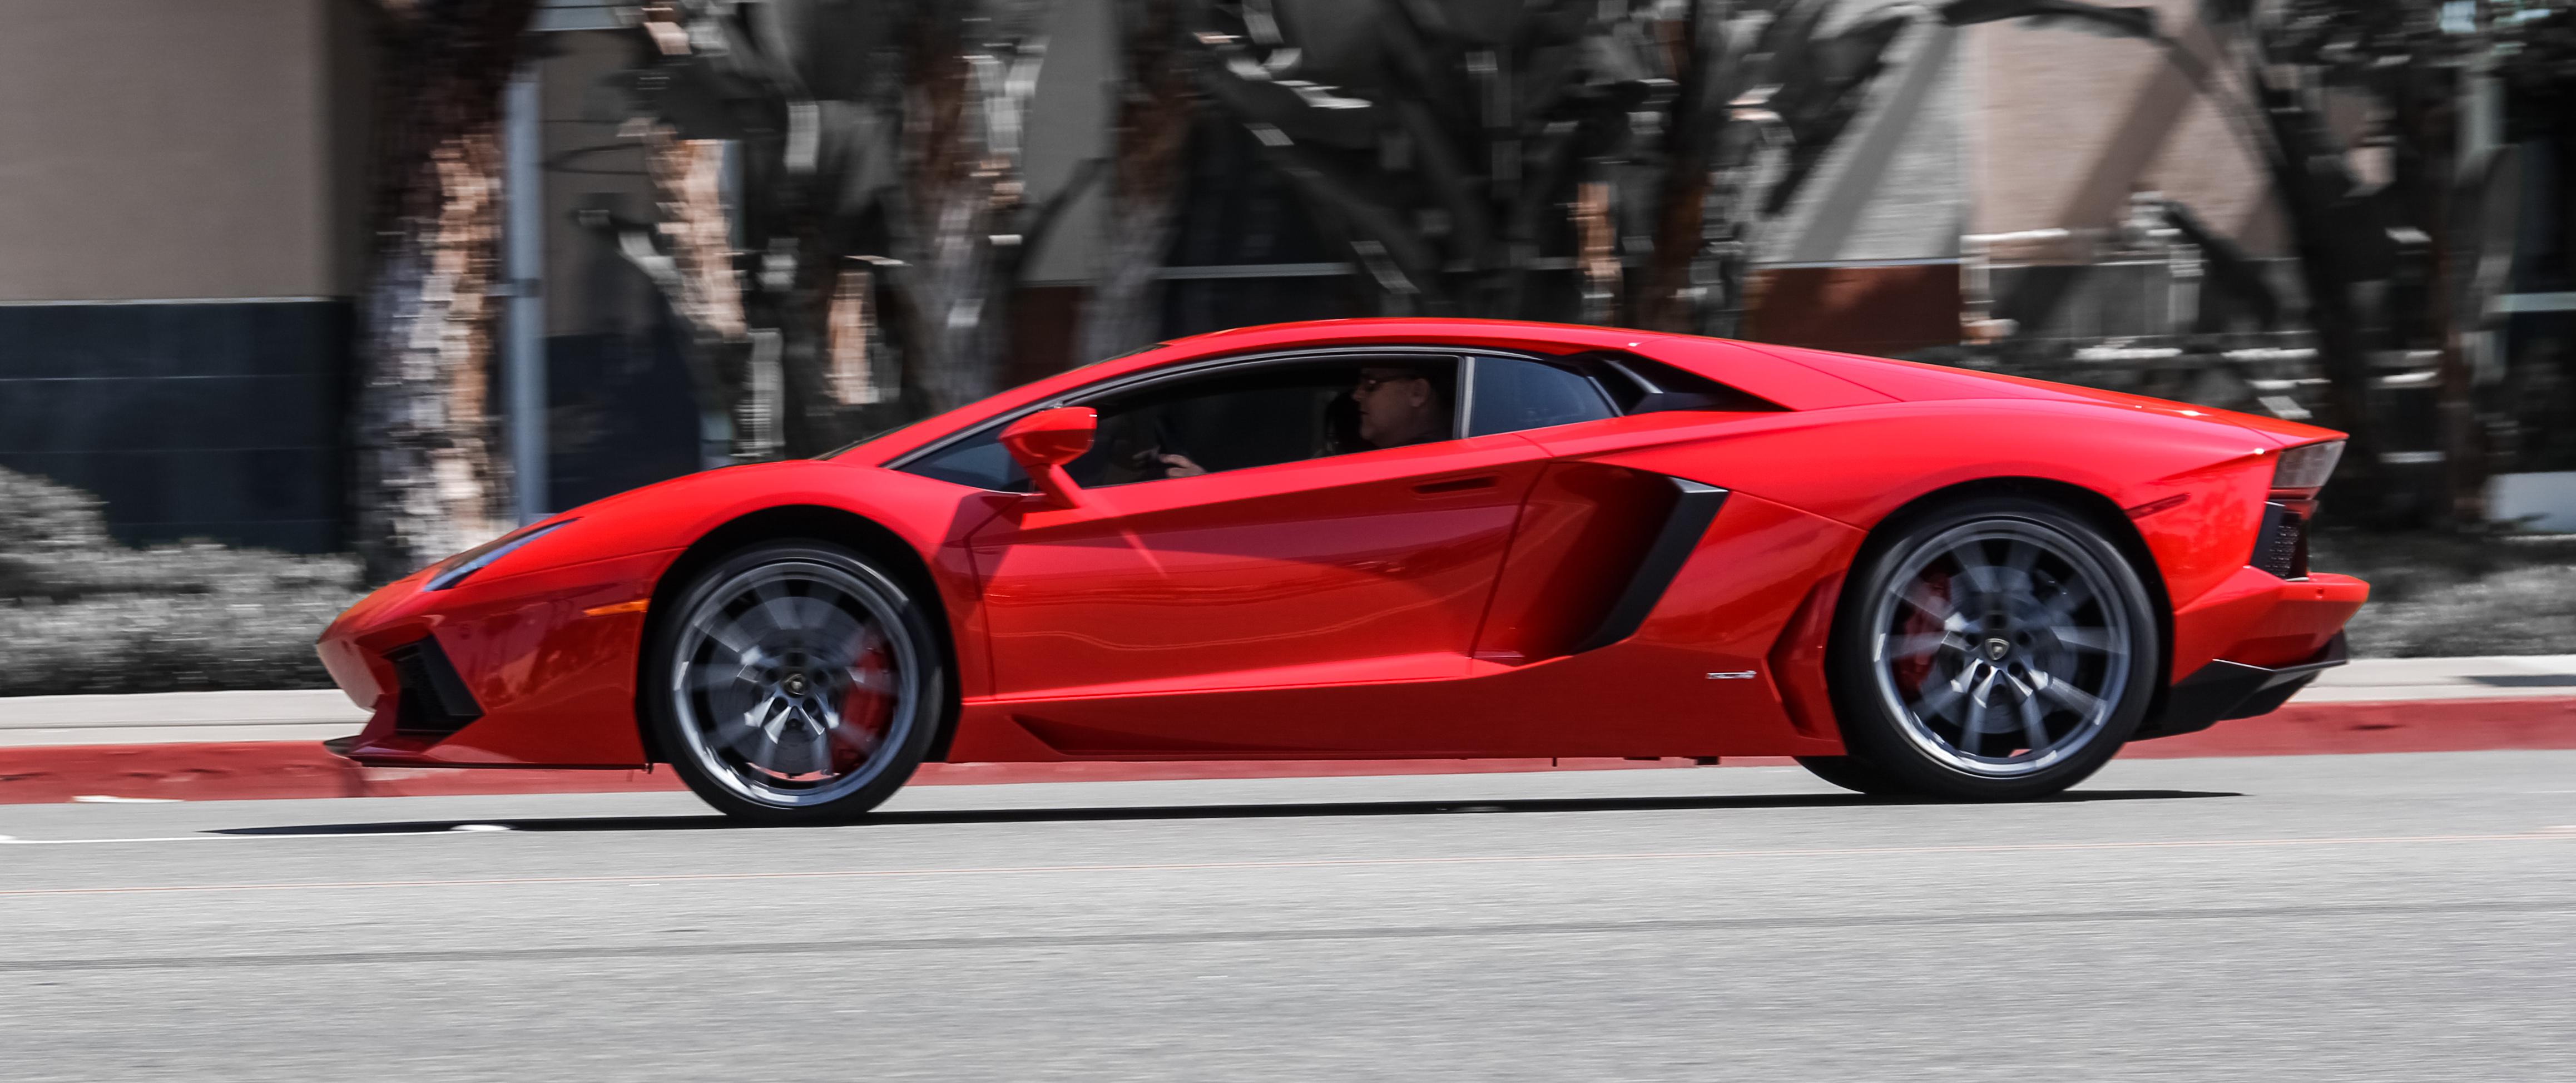 Papel De Parede : Colorida, Itália, Vermelho, Fotografia, Supercarros,  Lamborghini Aventador, Cânone, Califórnia, Verão, Lamborghini Gallardo, ...